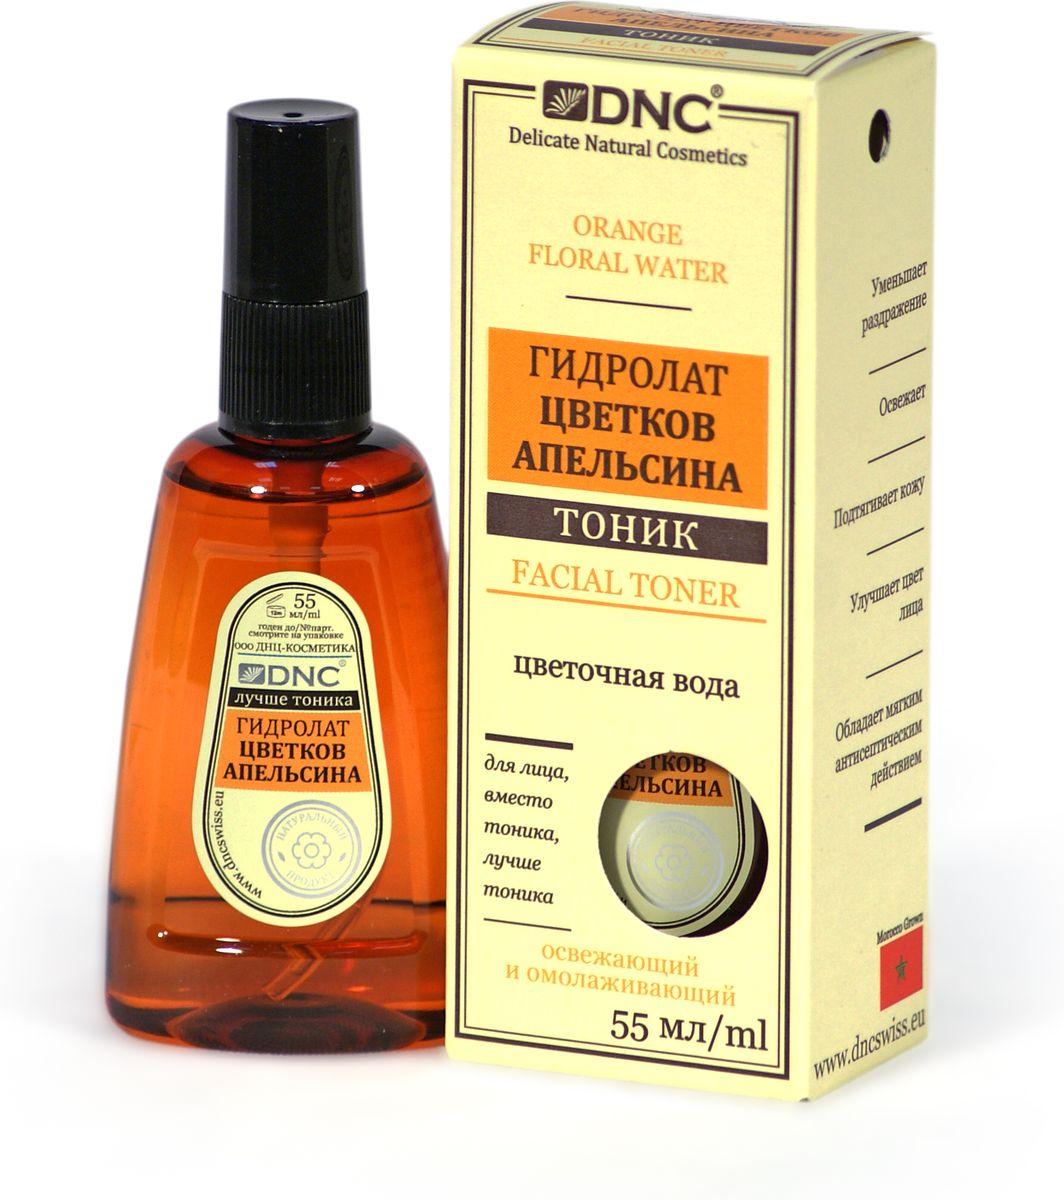 DNC Гидролат Цветков Апельсина, 55 мл4751006750722Тонизирующая, очищающая и освежающаяводная эссенция цветков апельсина. Пробуждает в коже естественное стремление к молодости и обновлению. Возвращает шелковистость и свечение самой утомленной коже. Снимает мышечное напряжение, уменьшает рельеф морщин.